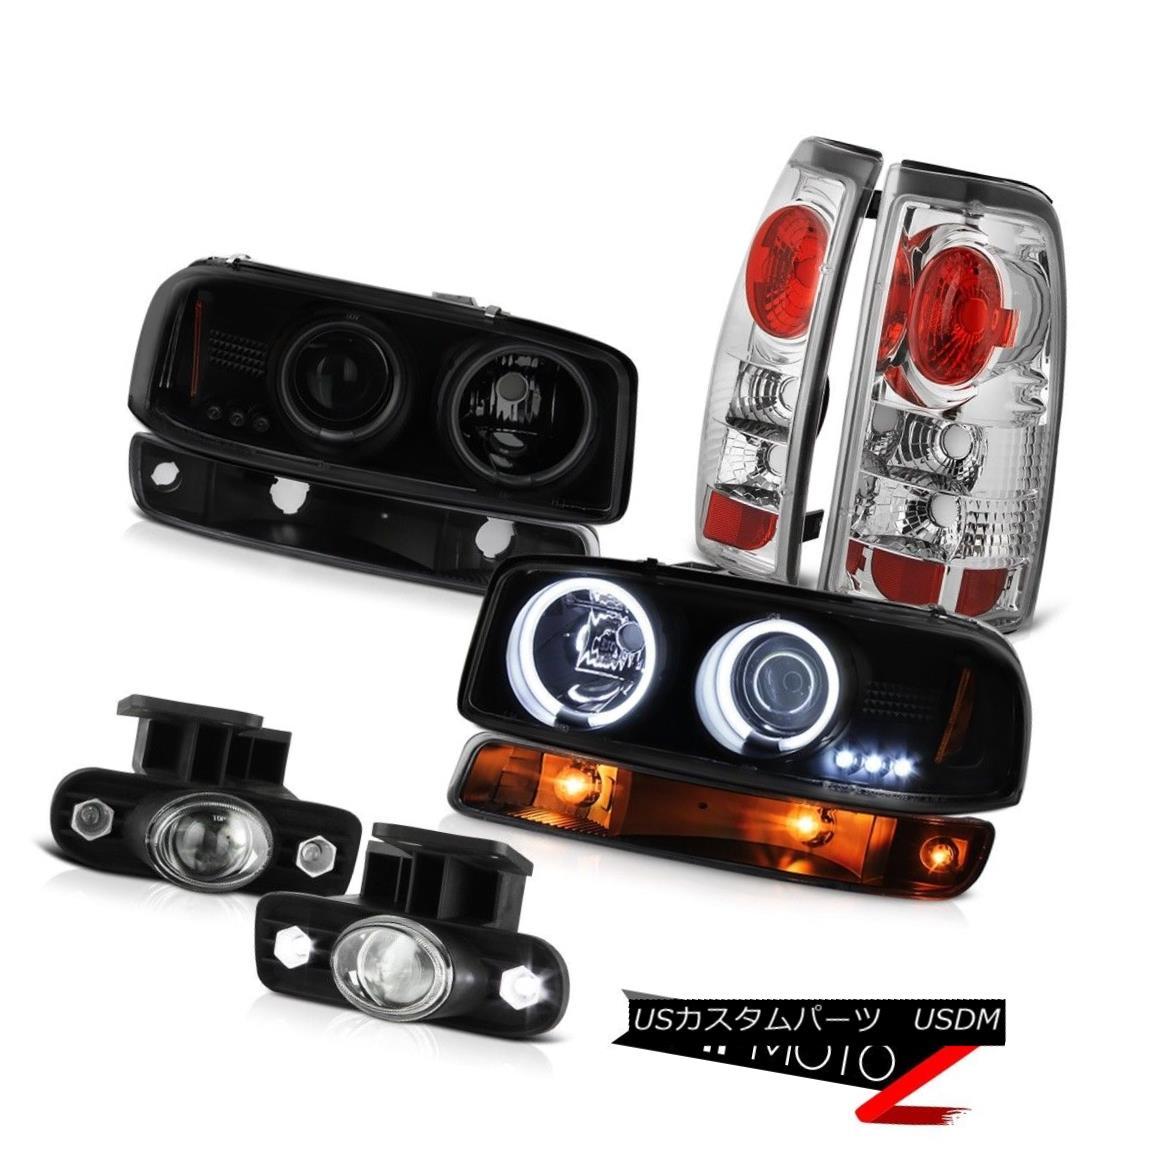 テールライト 1999-2002 Sierra SLE Fog lights taillamps black bumper light ccfl headlamps LED 1999-2002シエラSLEフォグライトテールランプブラックバンパーライトccflヘッドライトLED